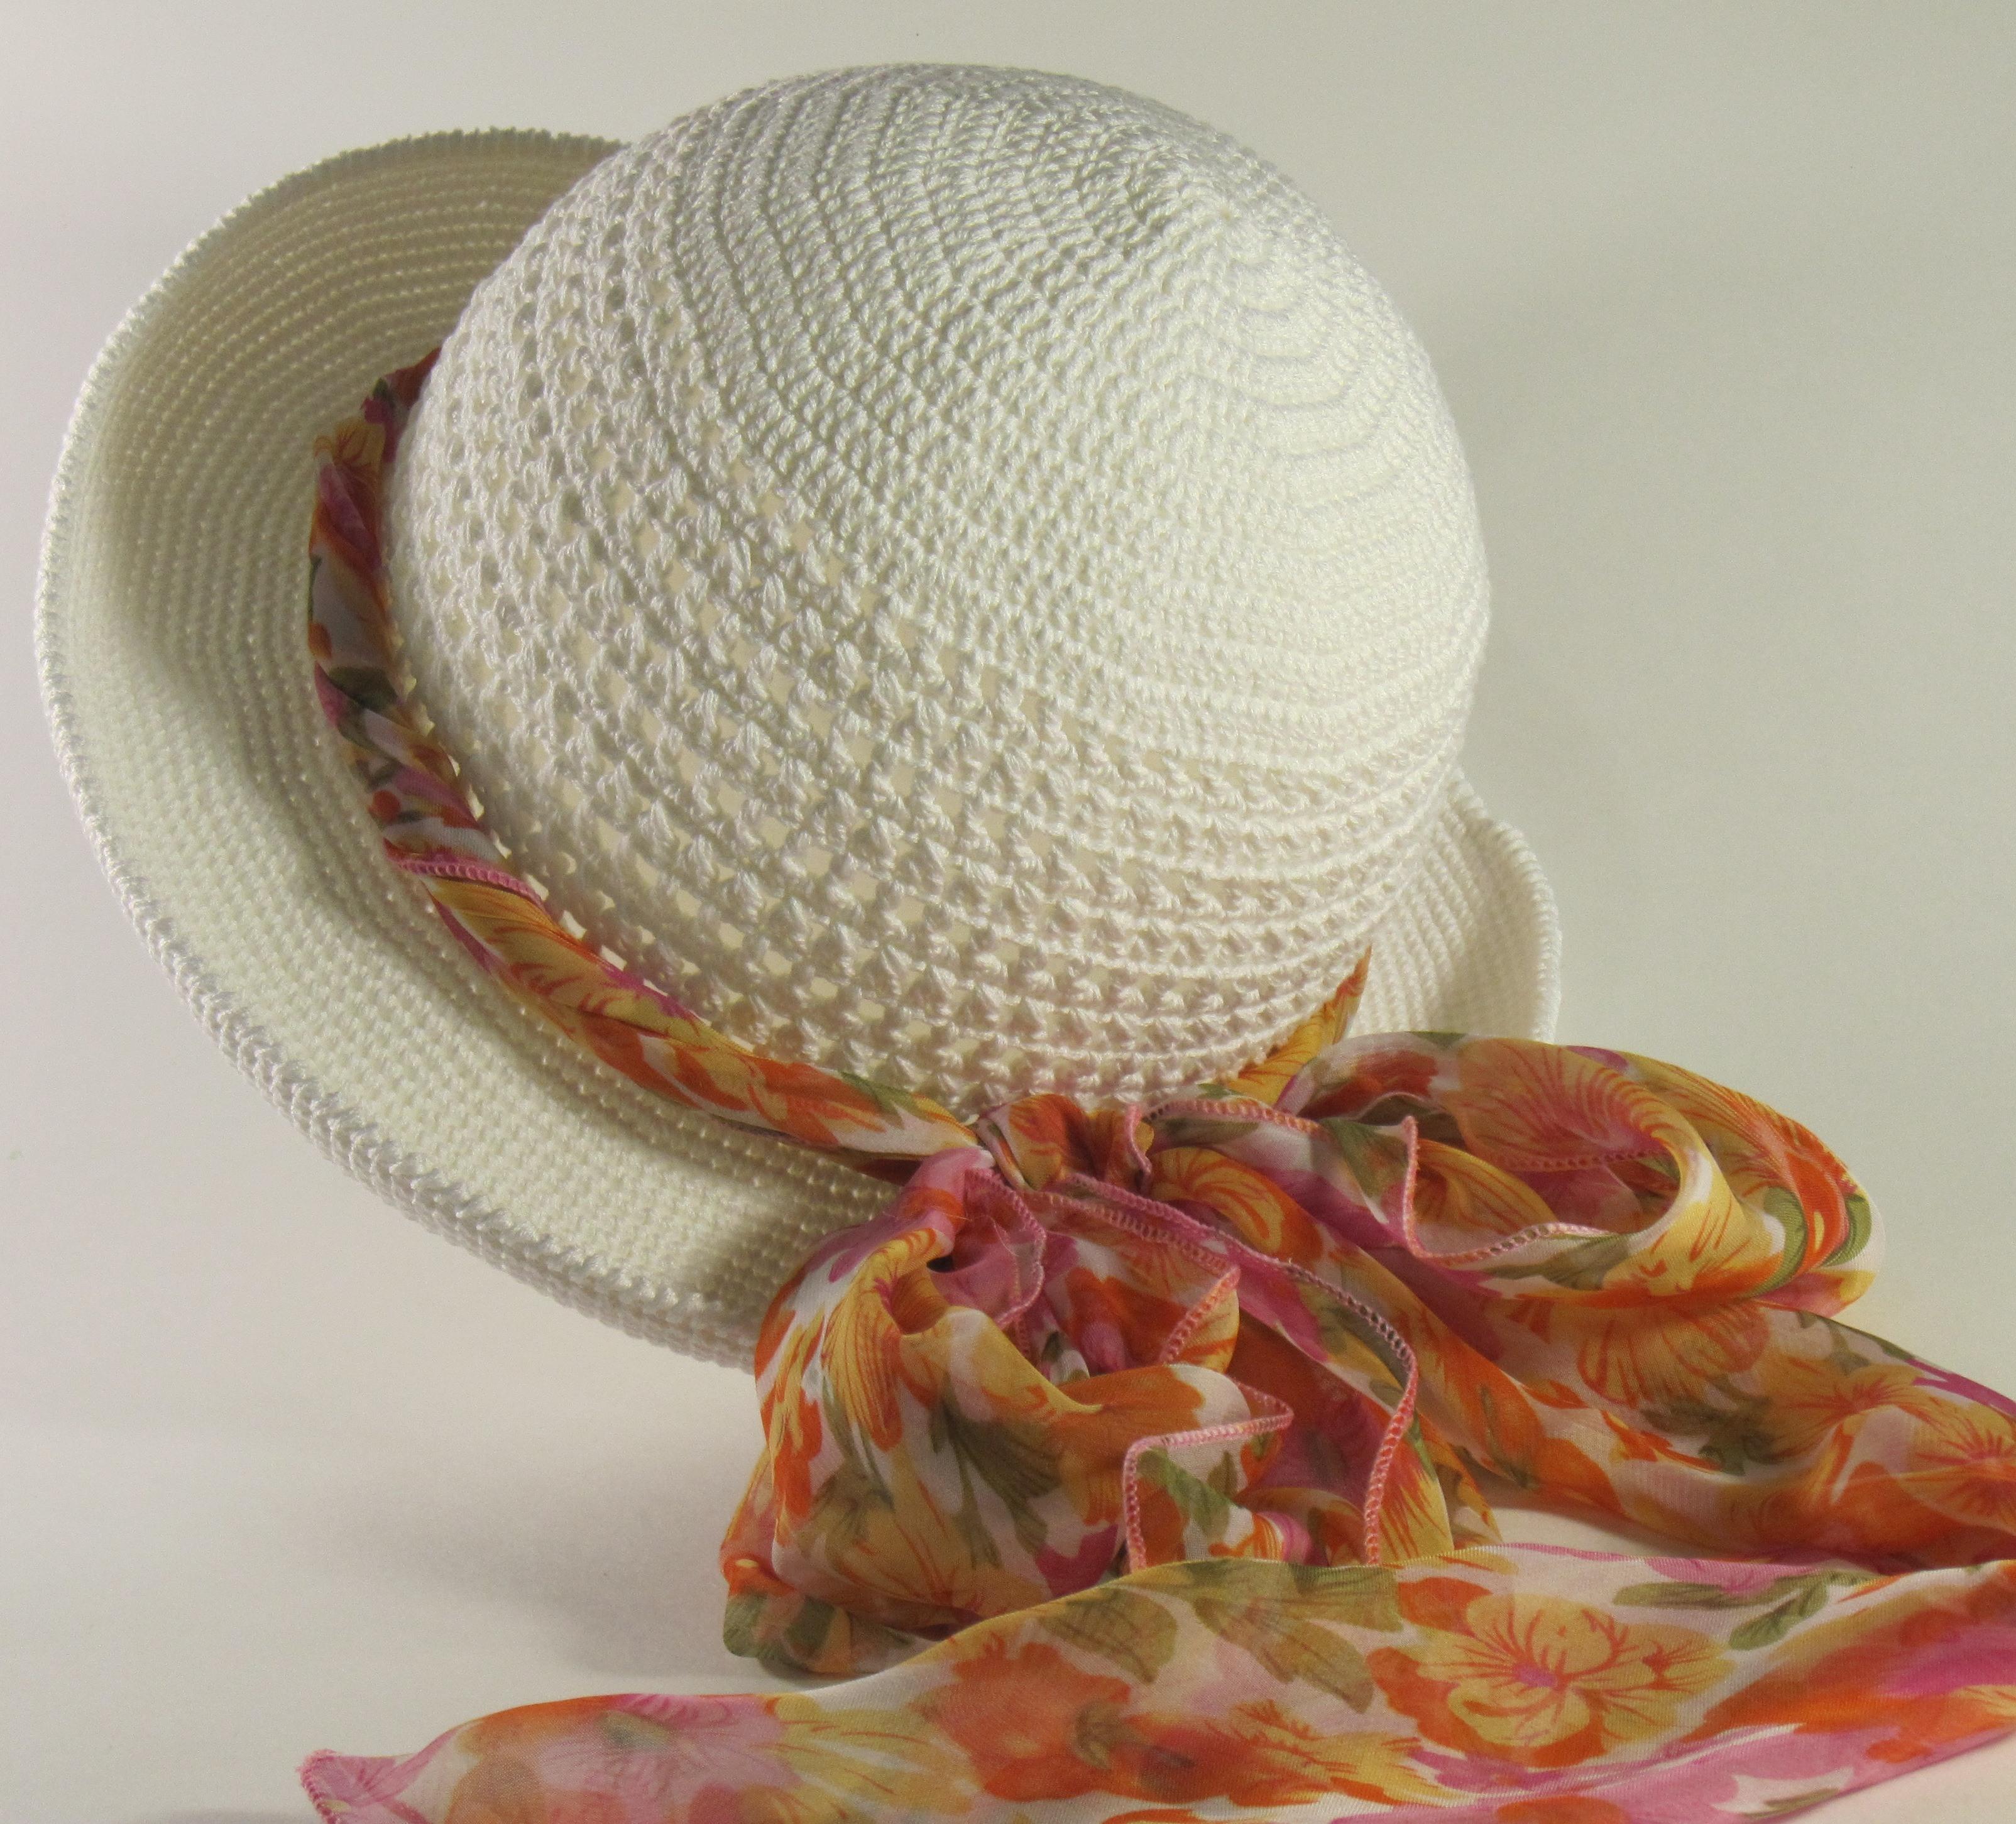 htth://hobbyportal.ru шапочка для новорожденных схемы вязания